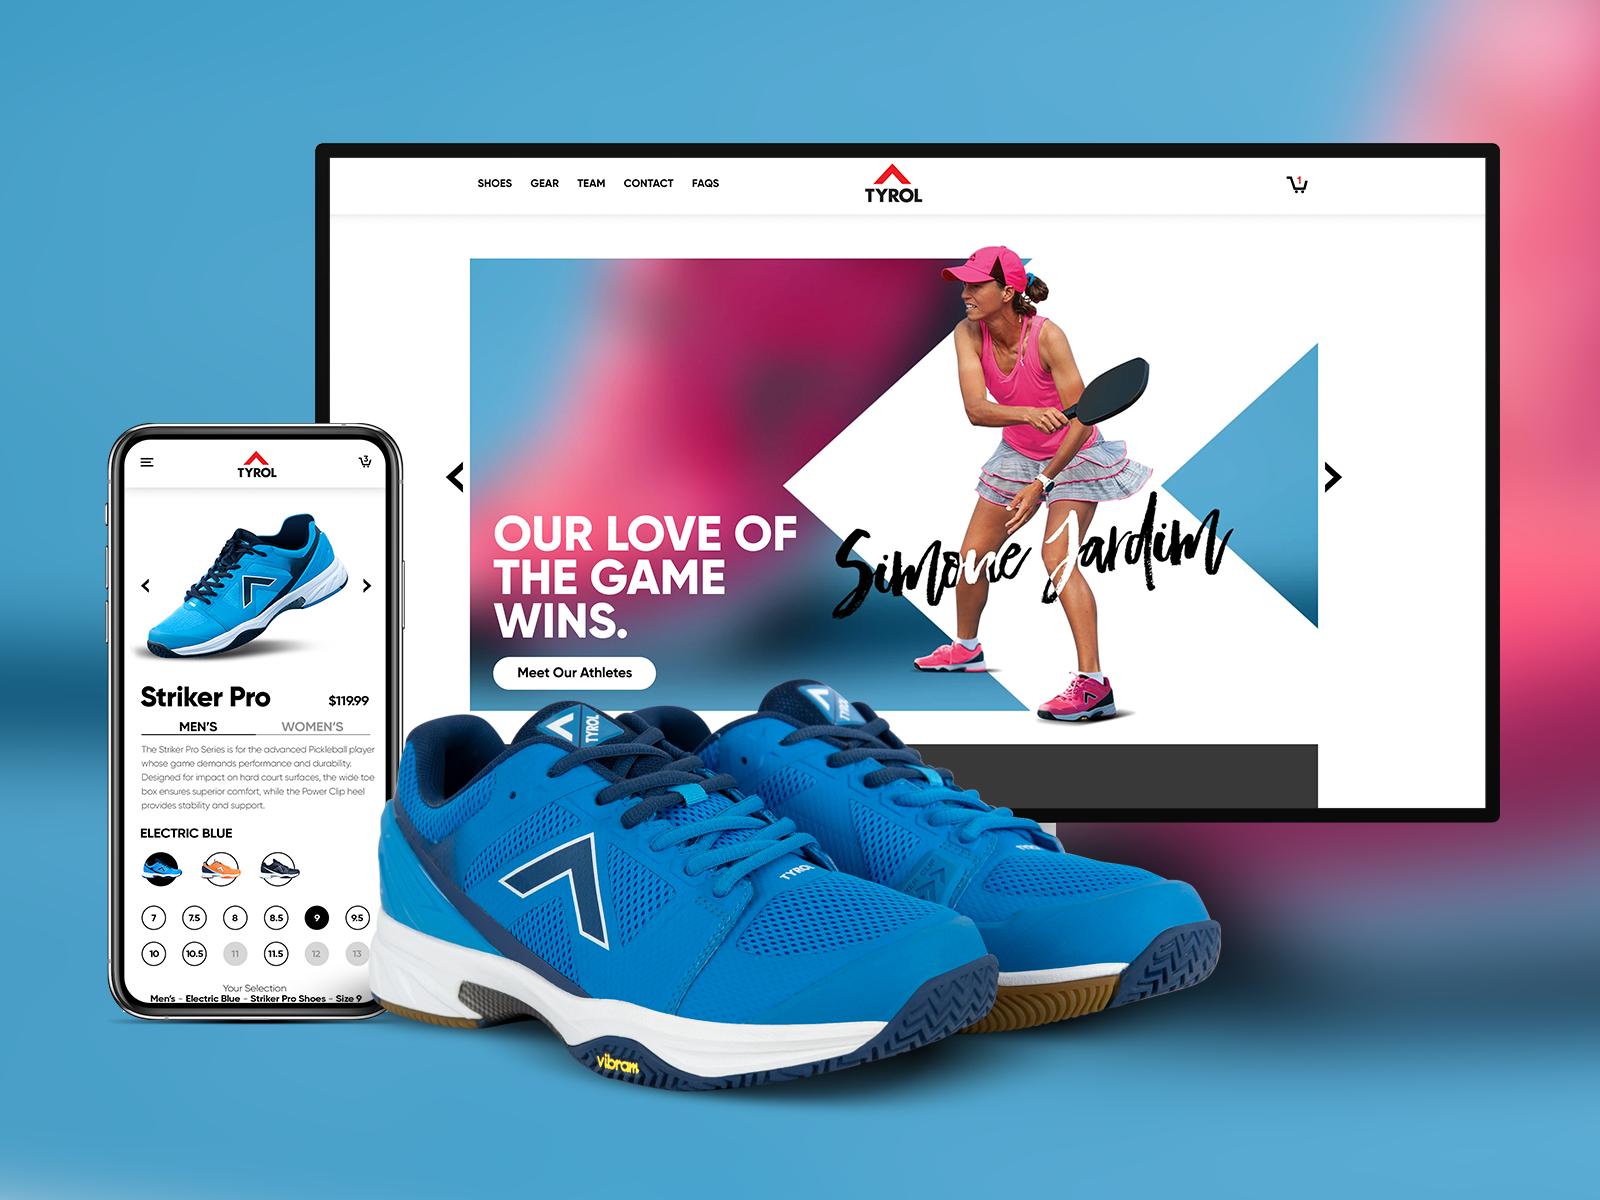 e shoes brand